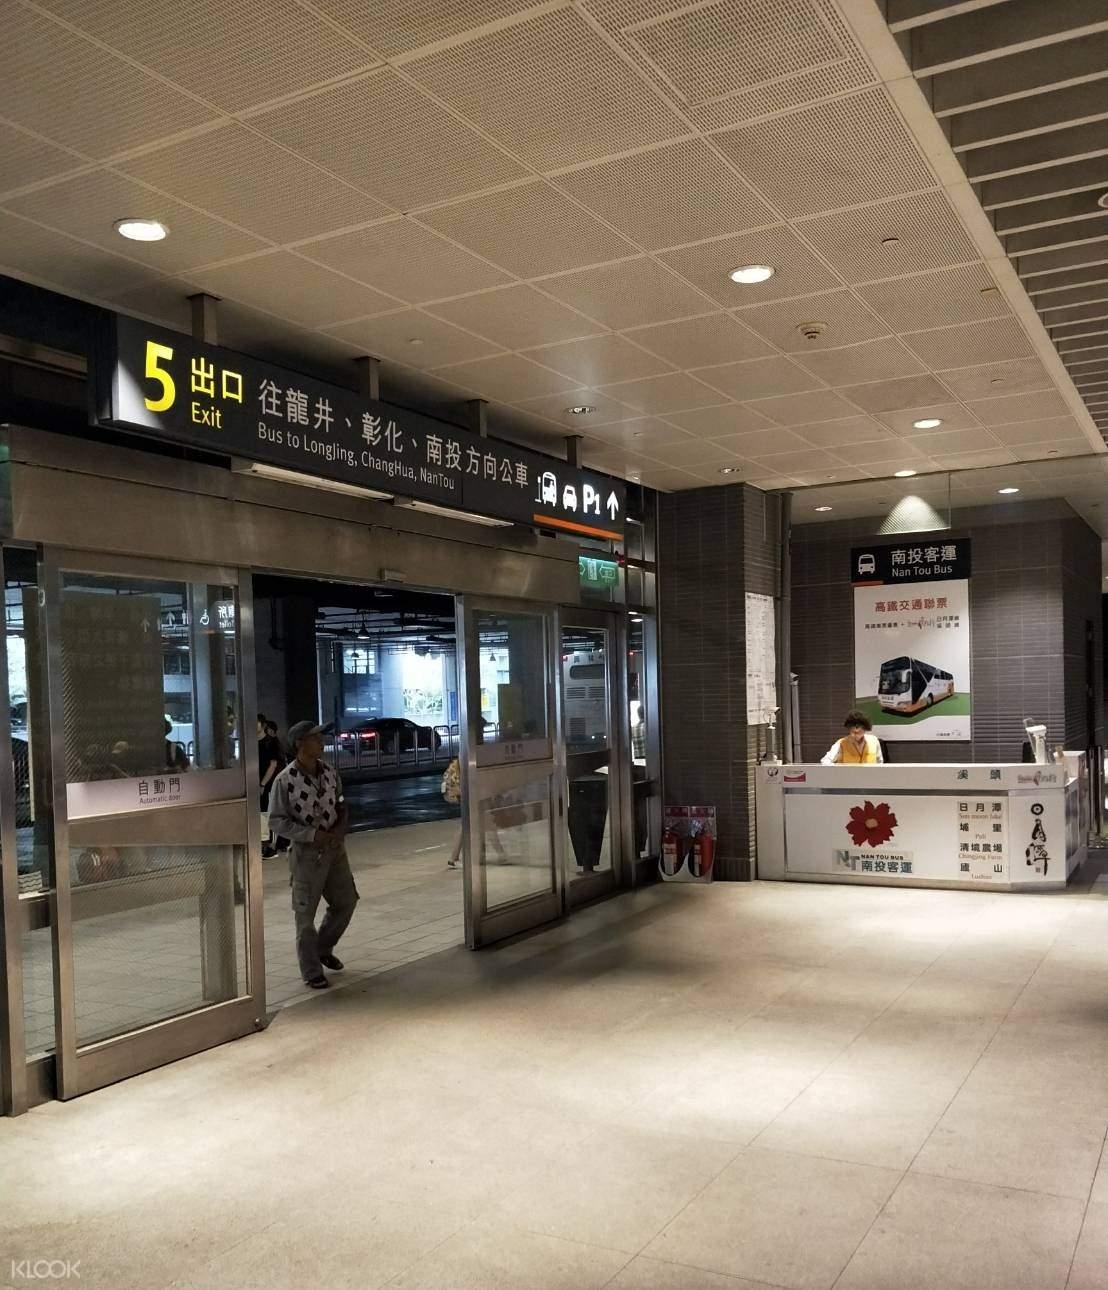 南投客運台中高鐵站